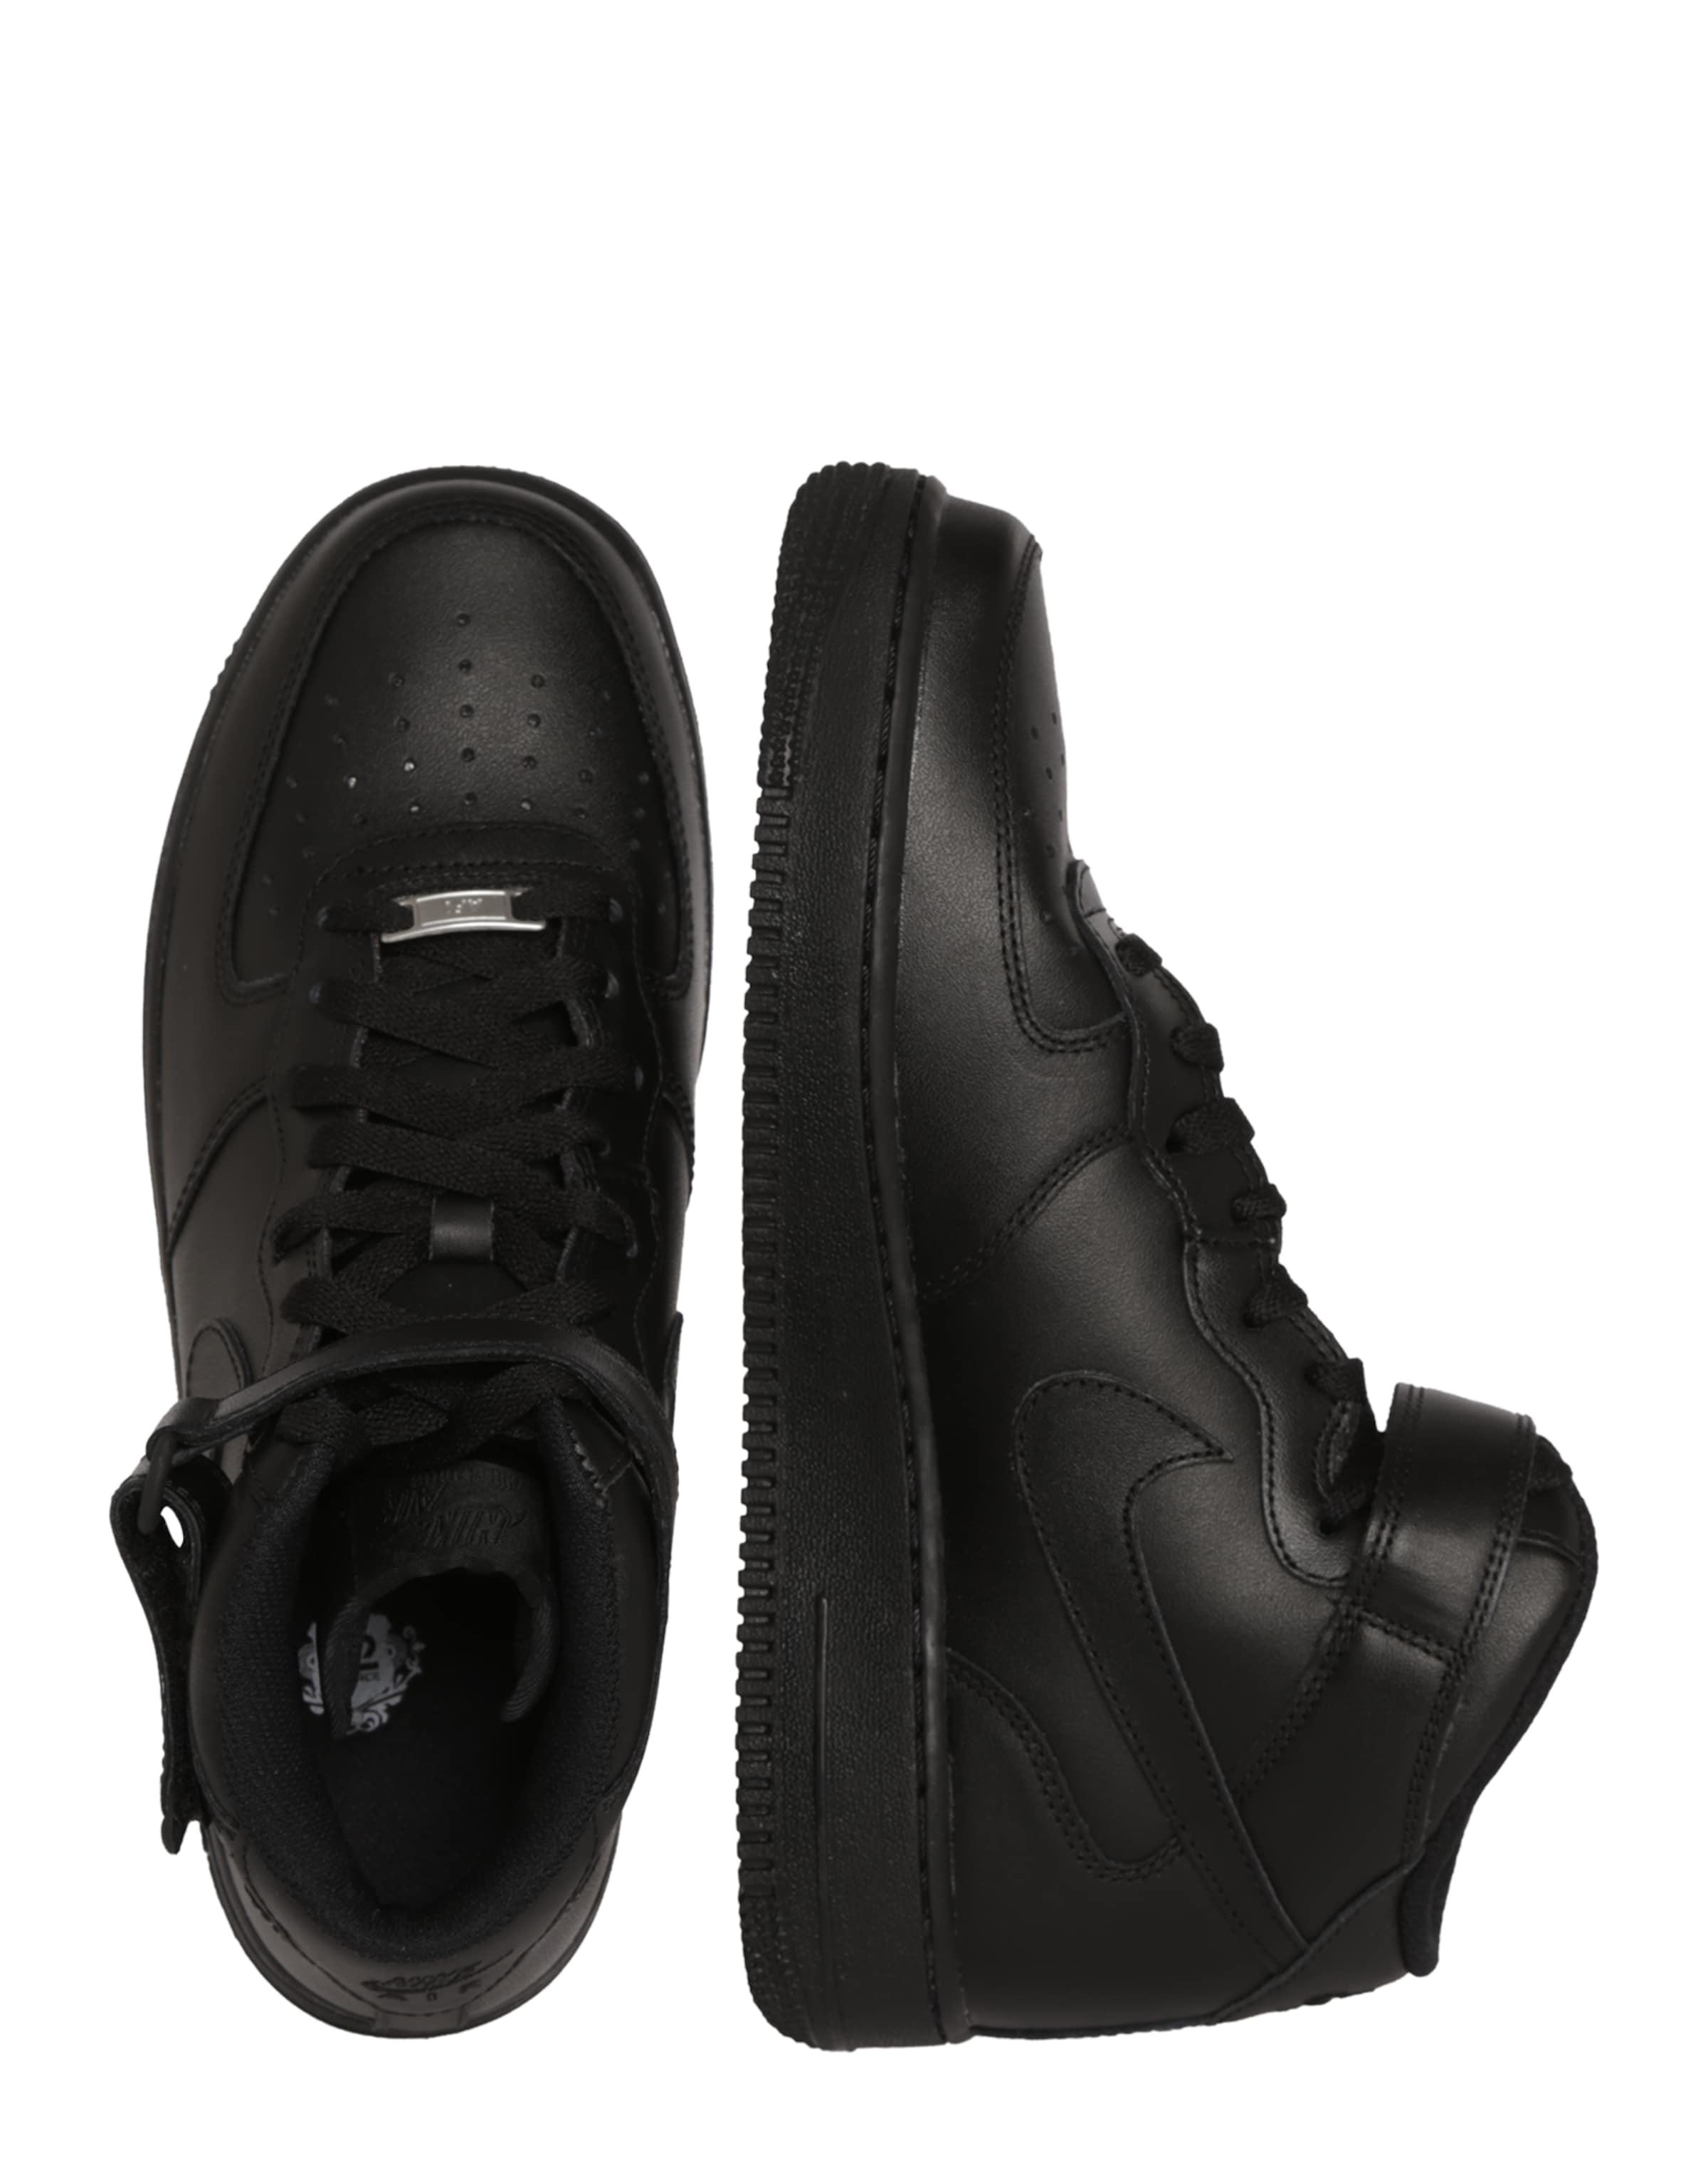 Baskets Nike Force Sportswear Hautes 'air En Mid' Noir qUzLSMpjVG